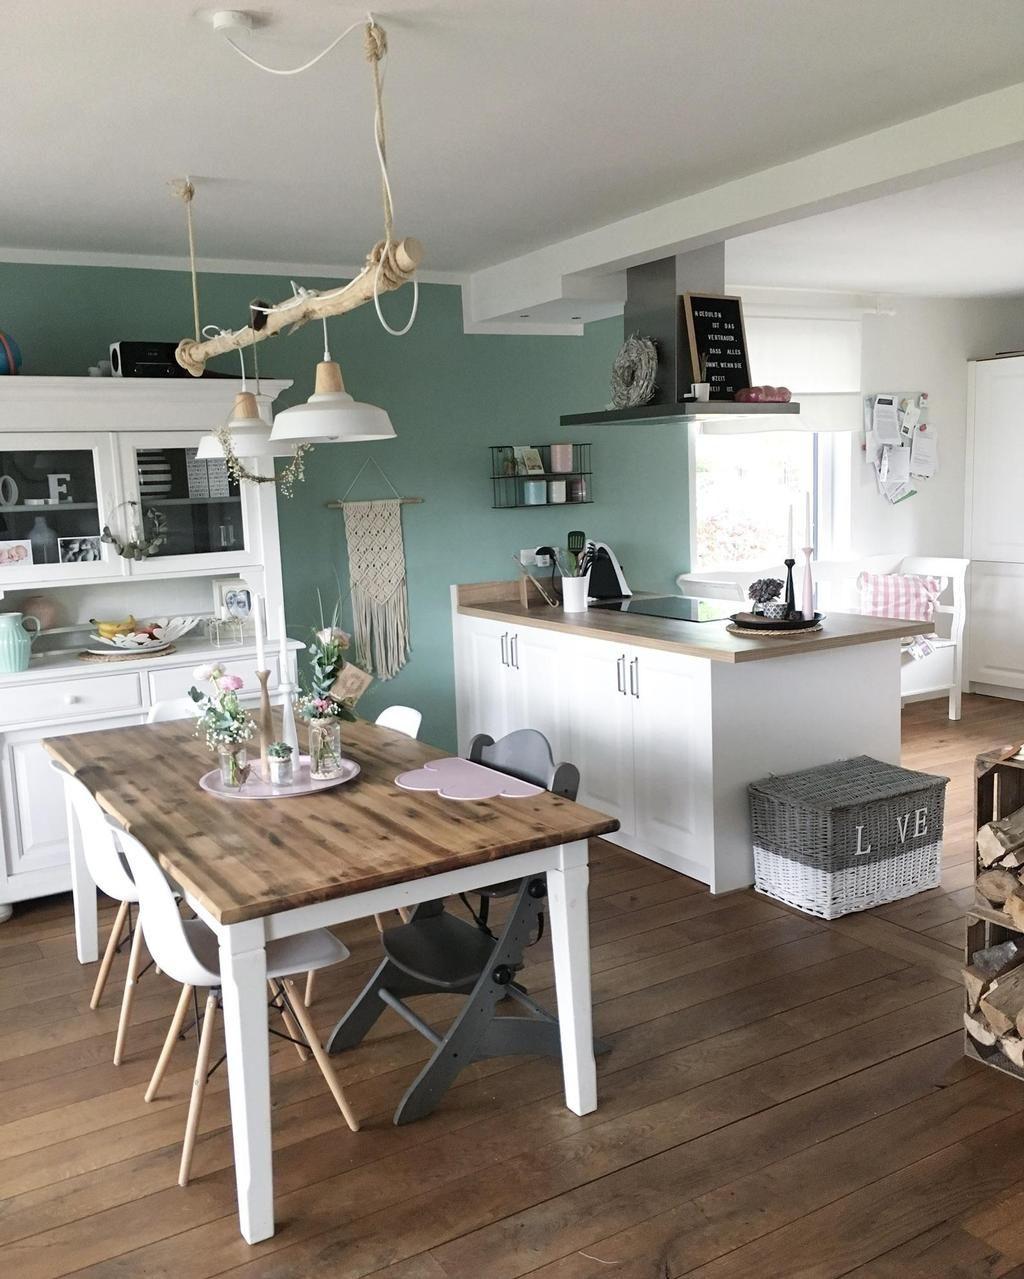 Zimmerfarbe stil esstischinspiration ideen die dir schmecken  esszimmer